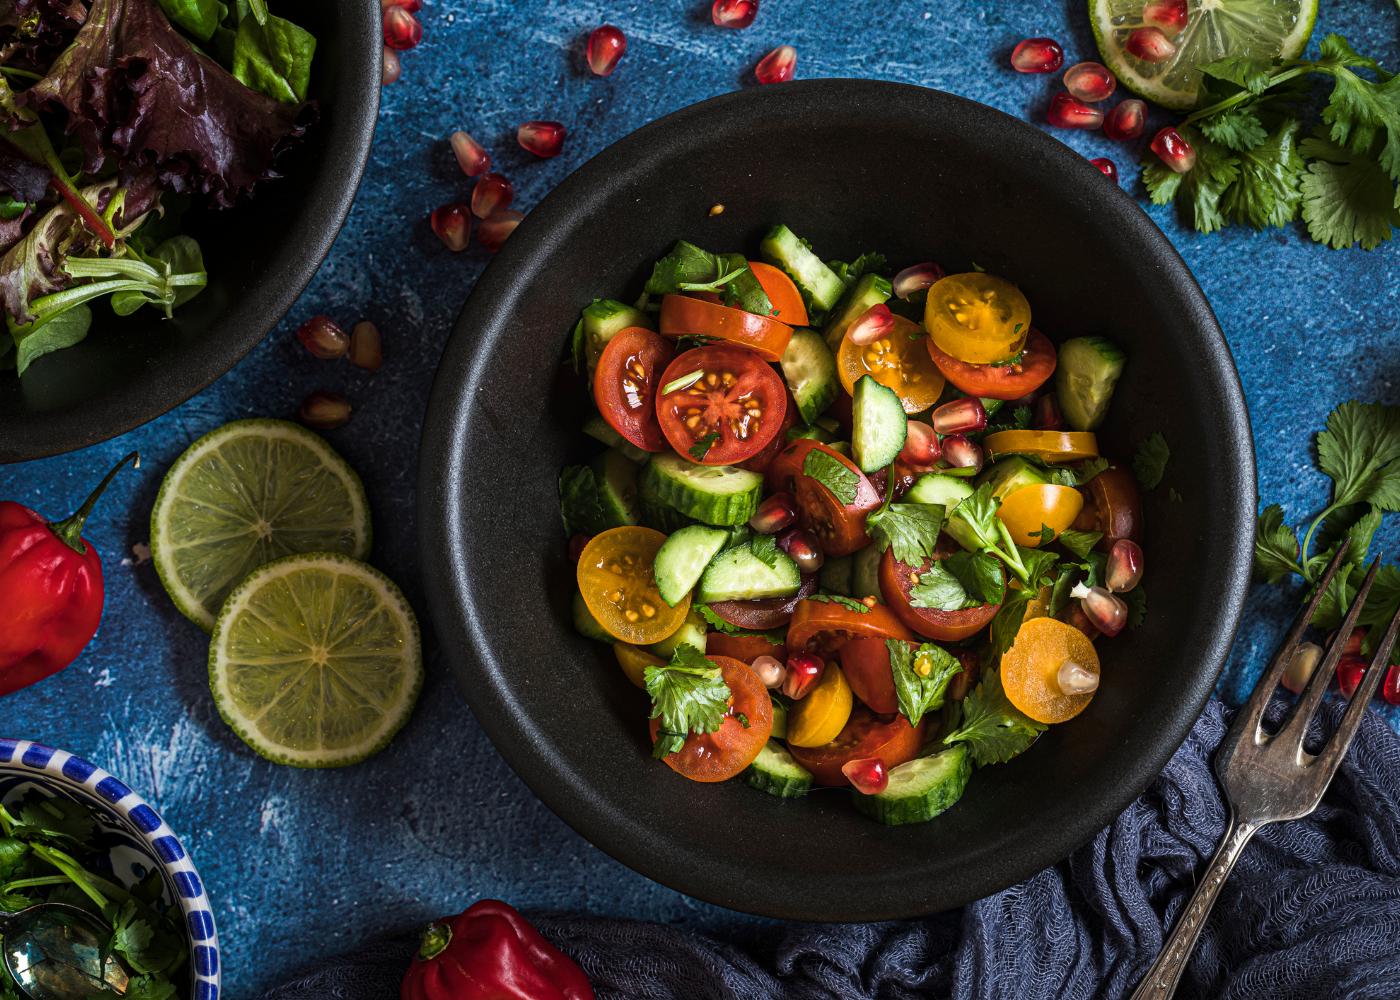 colite e alimentacao salada com legumes crus